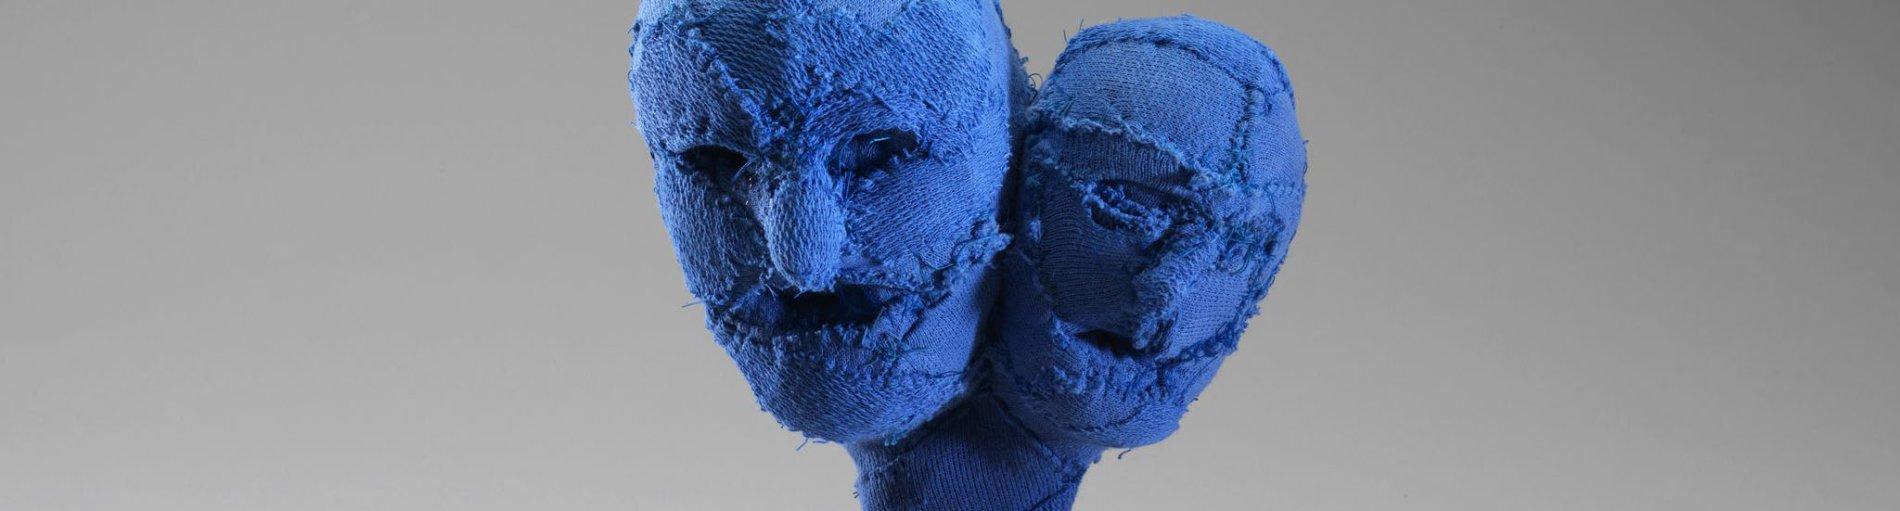 """Das Werk """"Louise Bourgeois, Tėte V"""" aus dem Jahre 2004."""